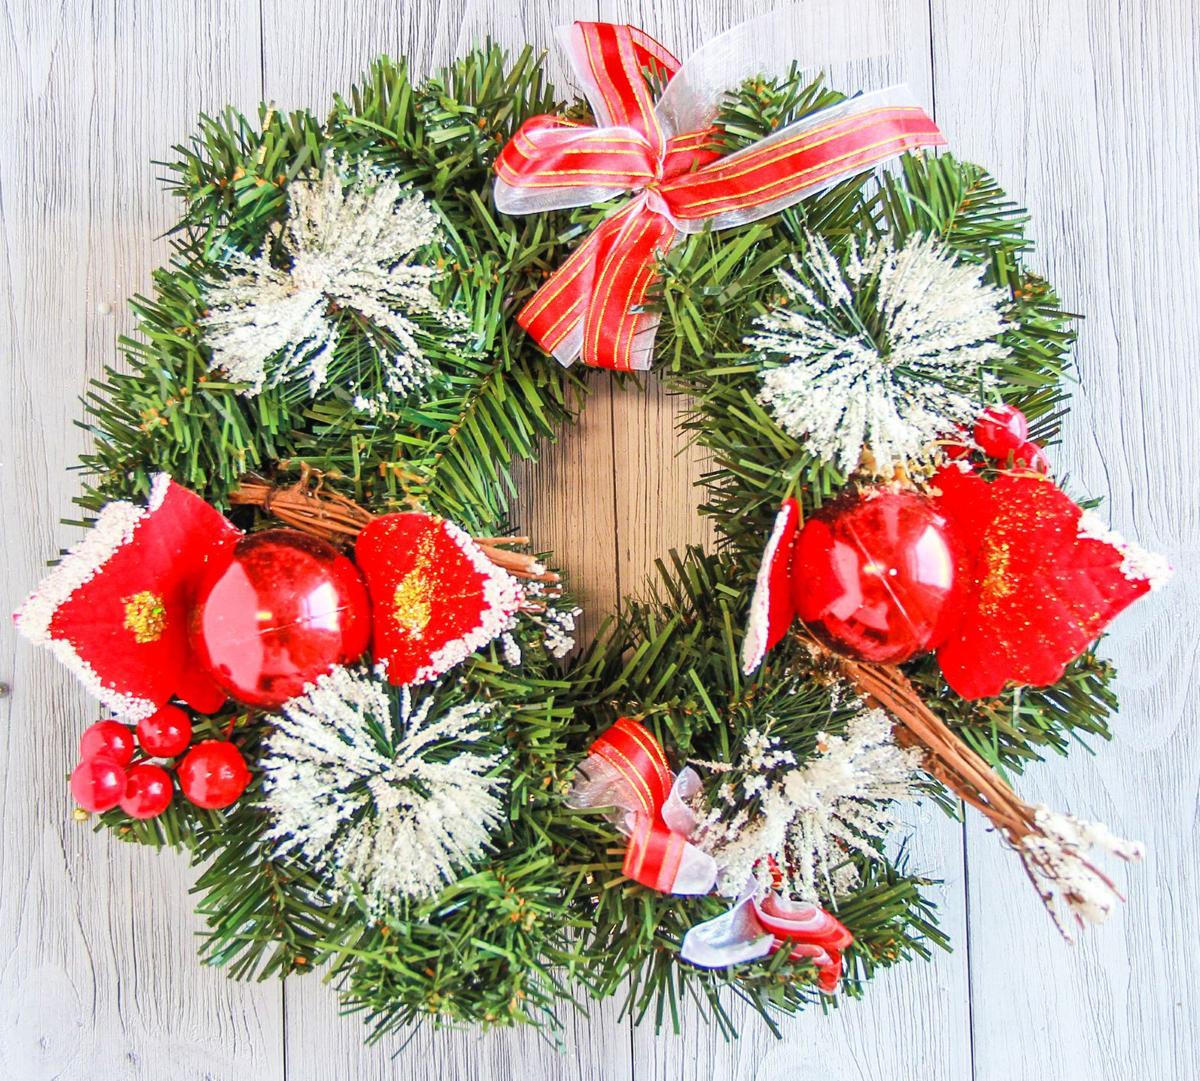 Венок новогодний Праздник, диаметр 23 см2371333Невозможно представить нашу жизнь без праздников! Мы всегда ждем их и предвкушаем, обдумываем, как проведем памятный день, тщательно выбираем подарки и аксессуары, ведь именно они создают и поддерживают торжественный настрой. Это отличный выбор, который привнесет атмосферу праздника в ваш дом!